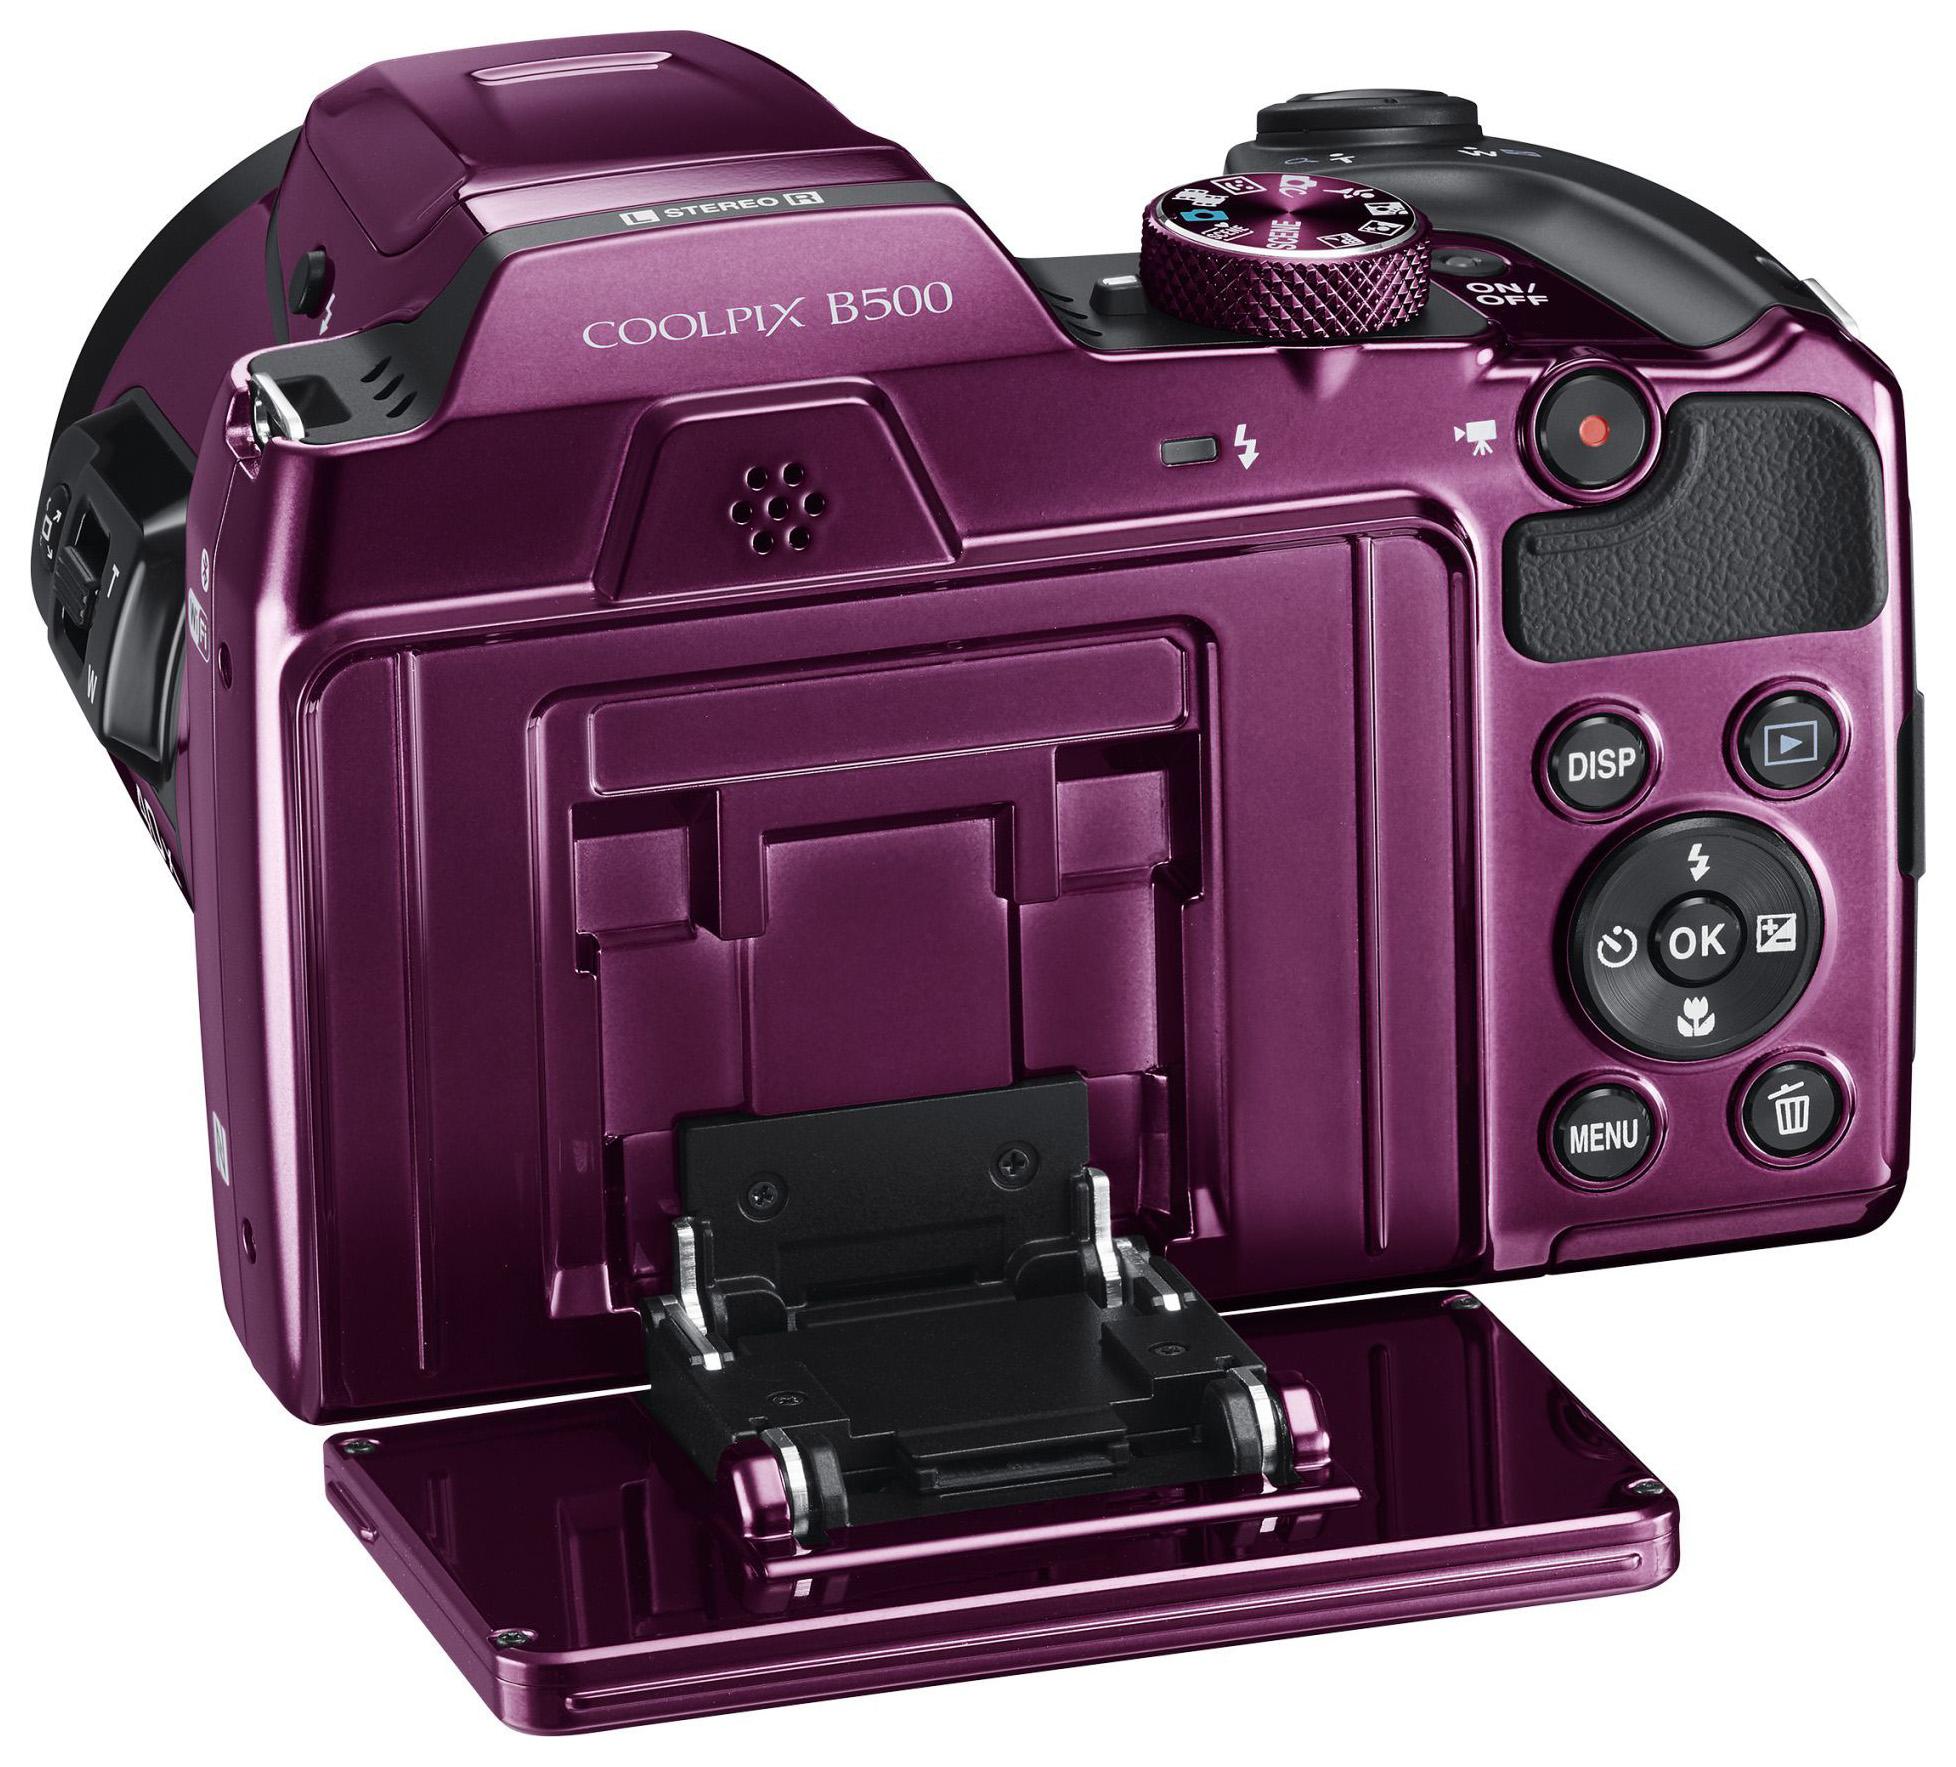 последнем где покупать фотоаппараты что важнее, энн